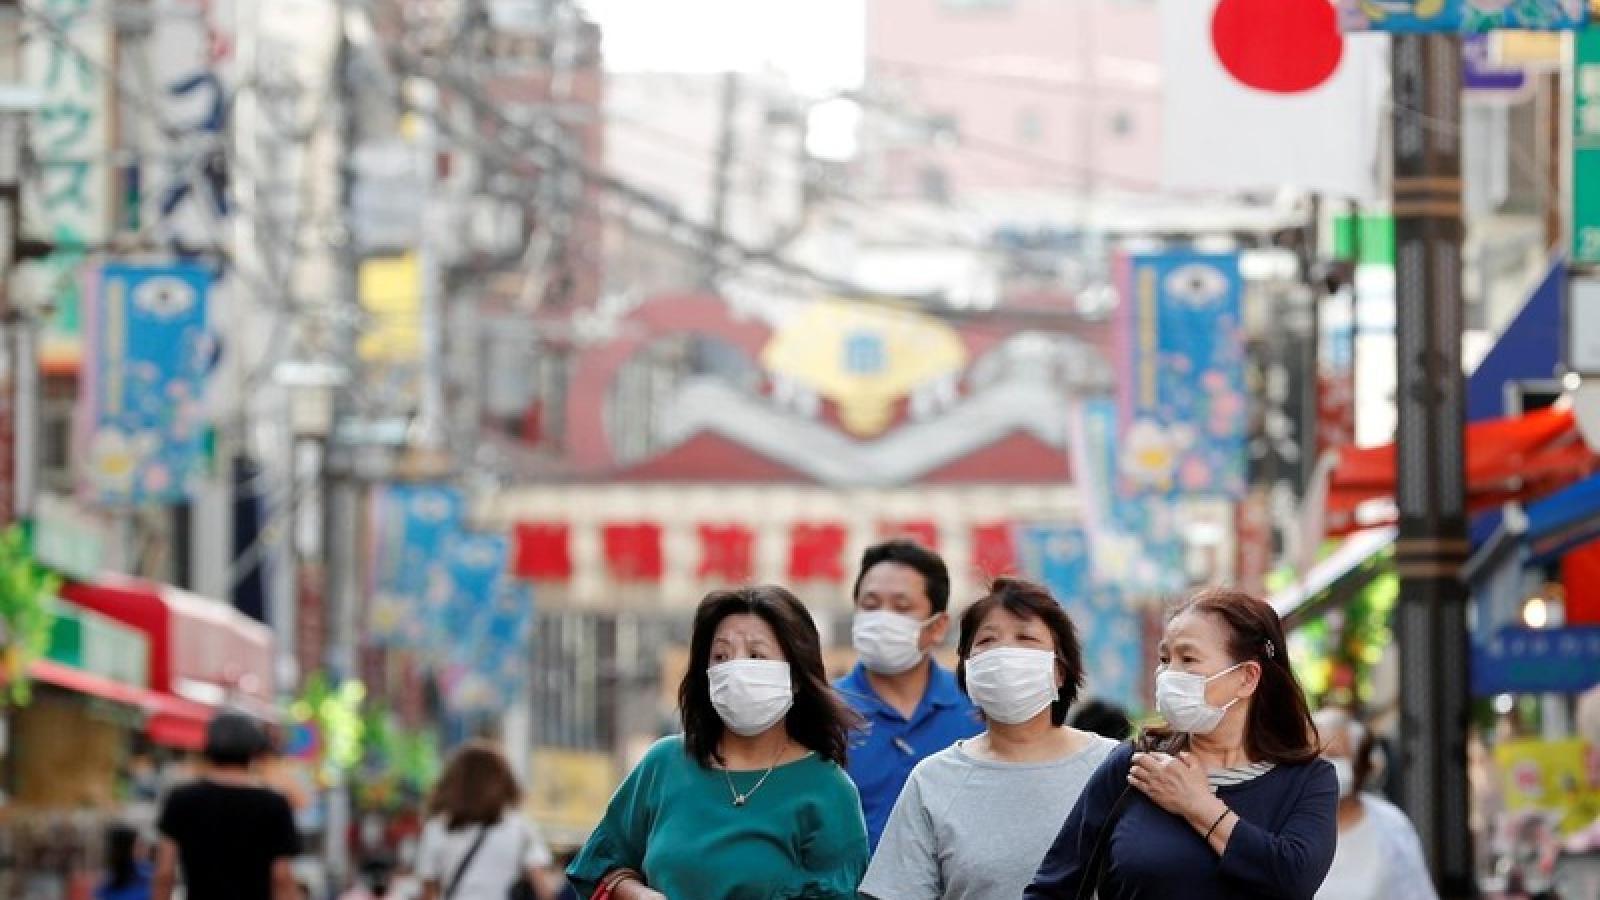 Nhật Bản: Số ca mắc Covid-19 trong ngày tại Osaka lần đầu vượt qua Tokyo